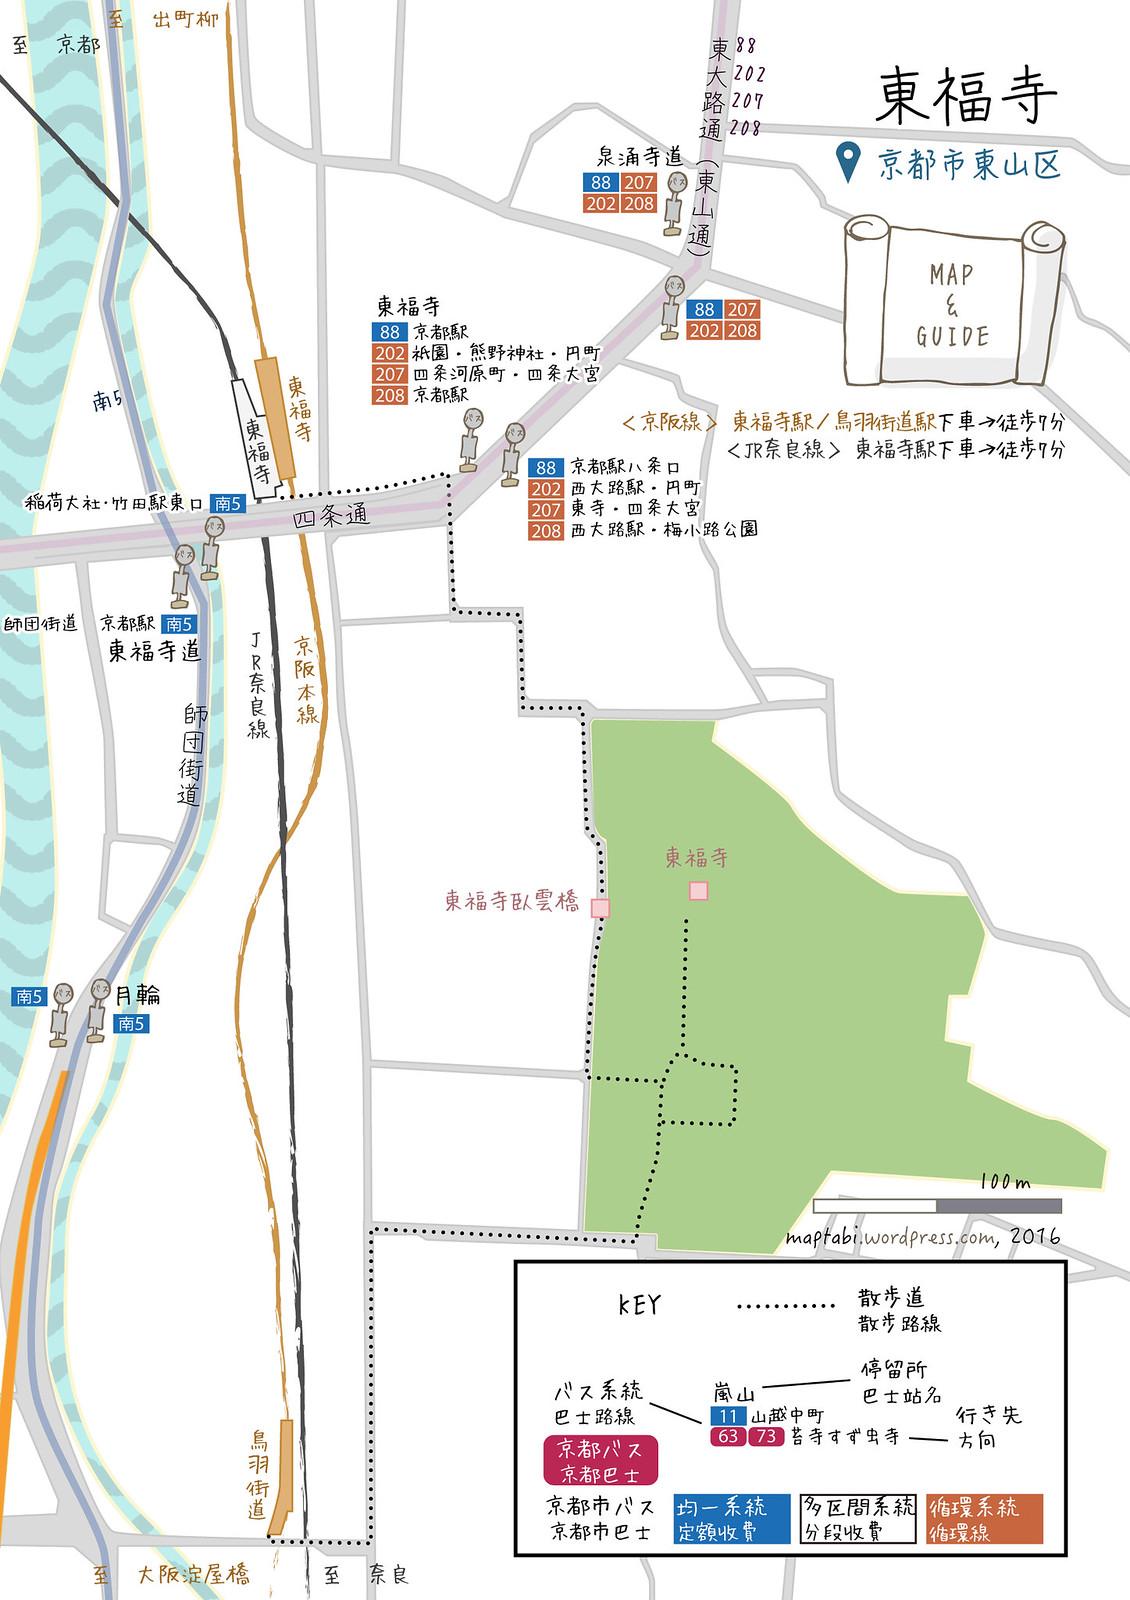 tofukuji_map